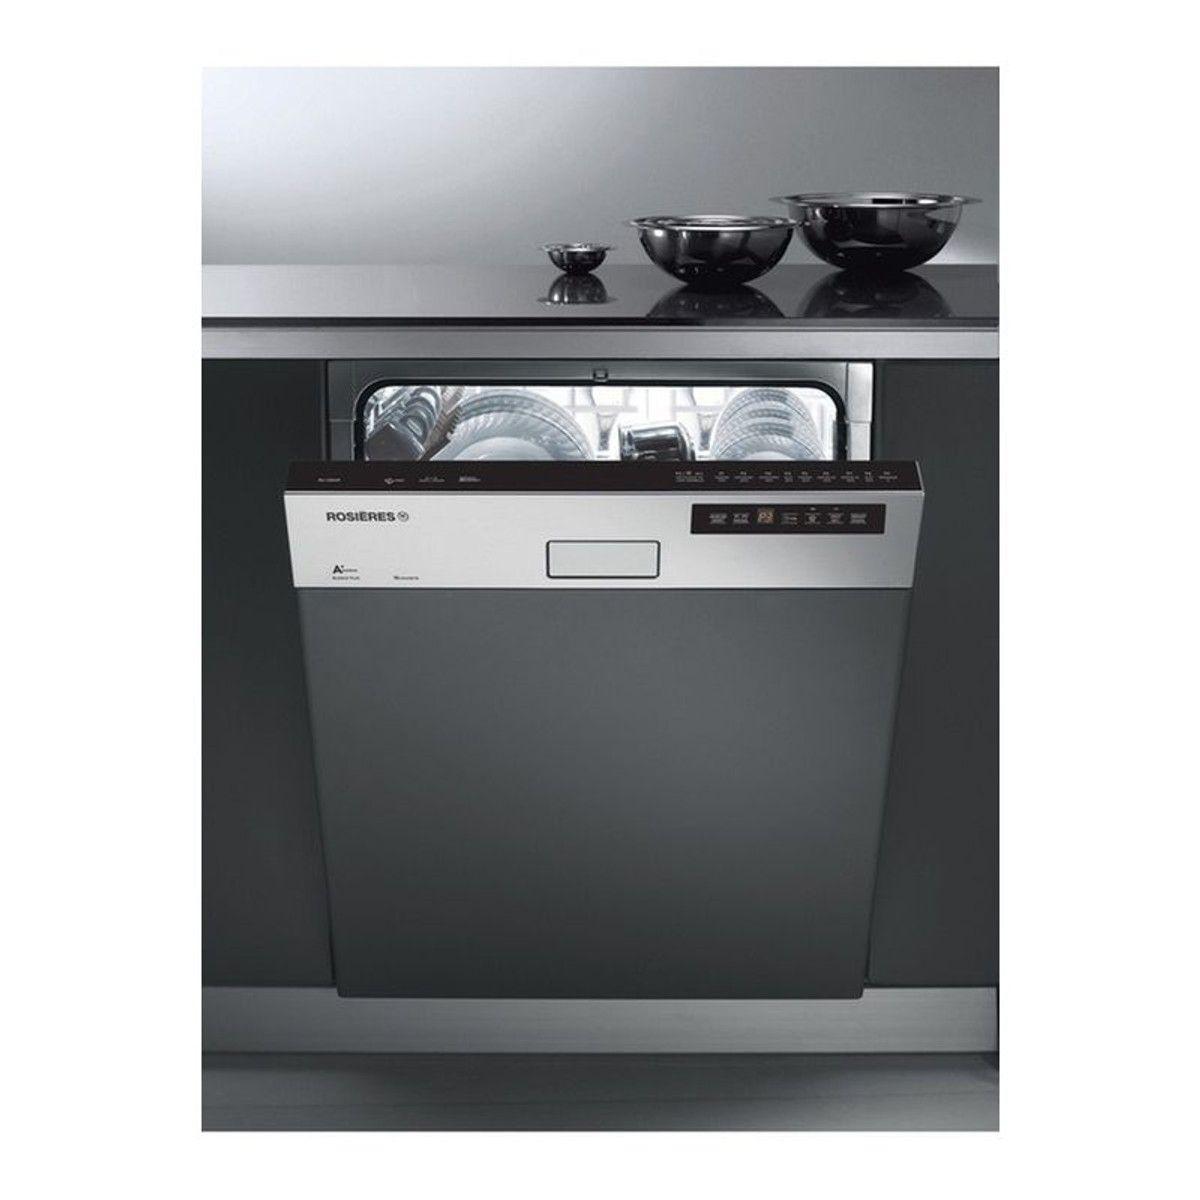 Lave Vaisselle Encastrable Rosieres Rli1d63x Taille Taille Unique Lave Vaisselle Encastrable Lave Vaisselle Mini Lave Vaisselle Encastrable